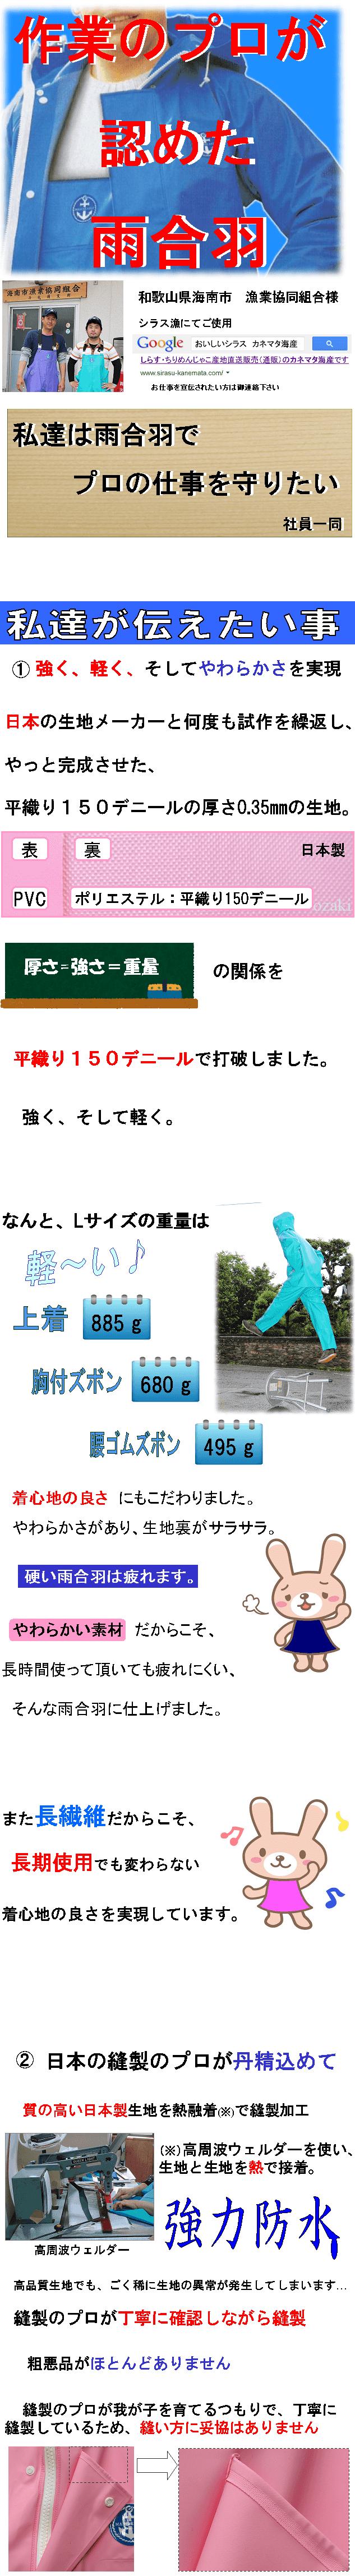 弊社マリンレリーは作業のプロが認めた本当に強い雨合羽です。生地メーカーと何度も何度も試作を繰り返した毛羽の出にくい日本製生地を使用しています。150デニール0.35mm生地を使用していますので、軽くて強いです。Lサイズの重量はパーカー885g、胸付ズボンは680g、腰ゴムズボン495g。もちろん縫製も和歌山で行っております。